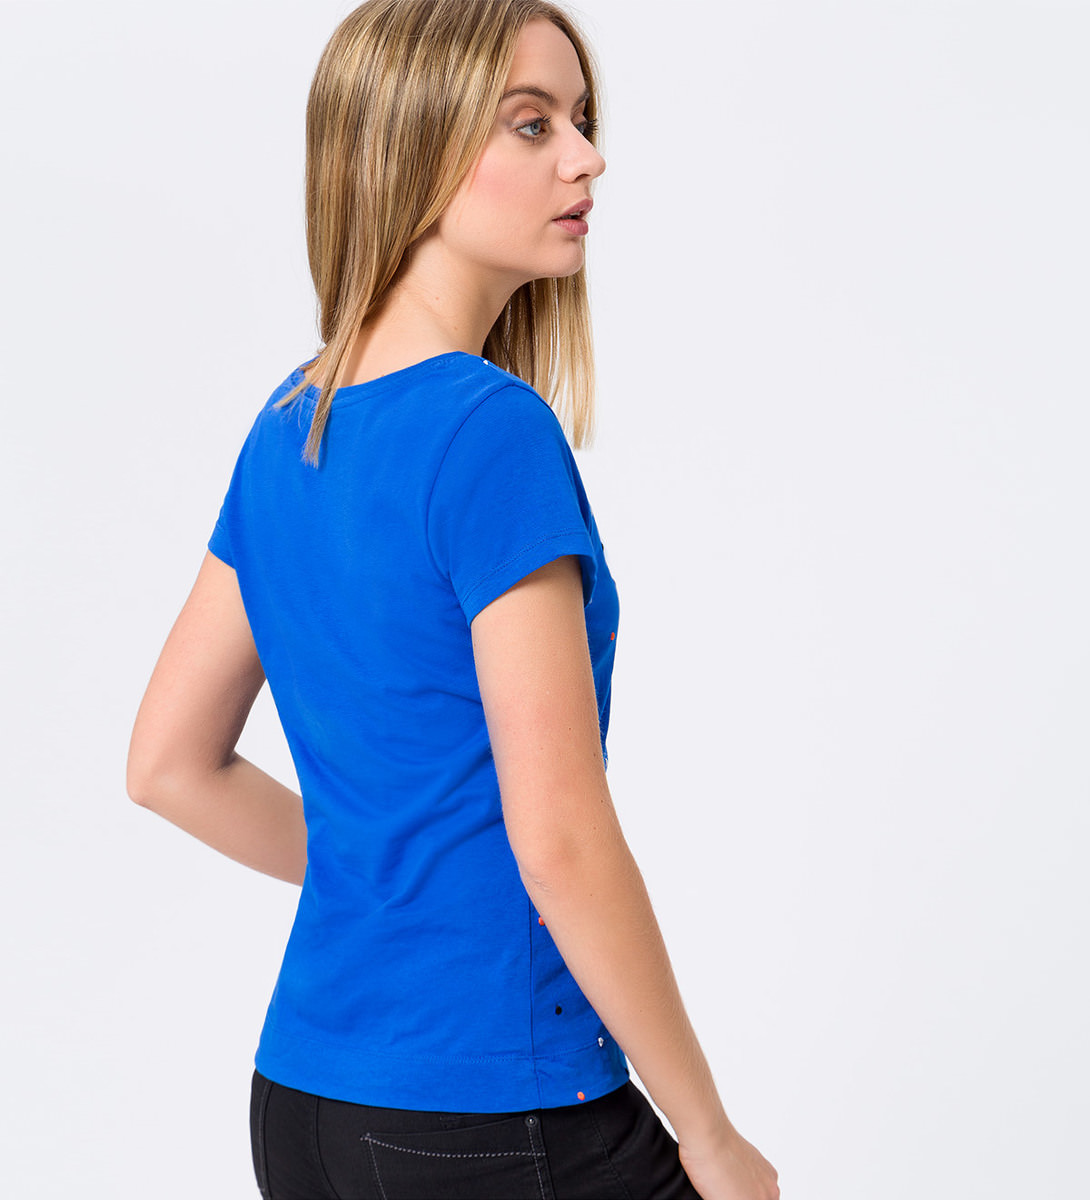 Jersey-Shirt mit eingestickten Punkten in cobalt blue